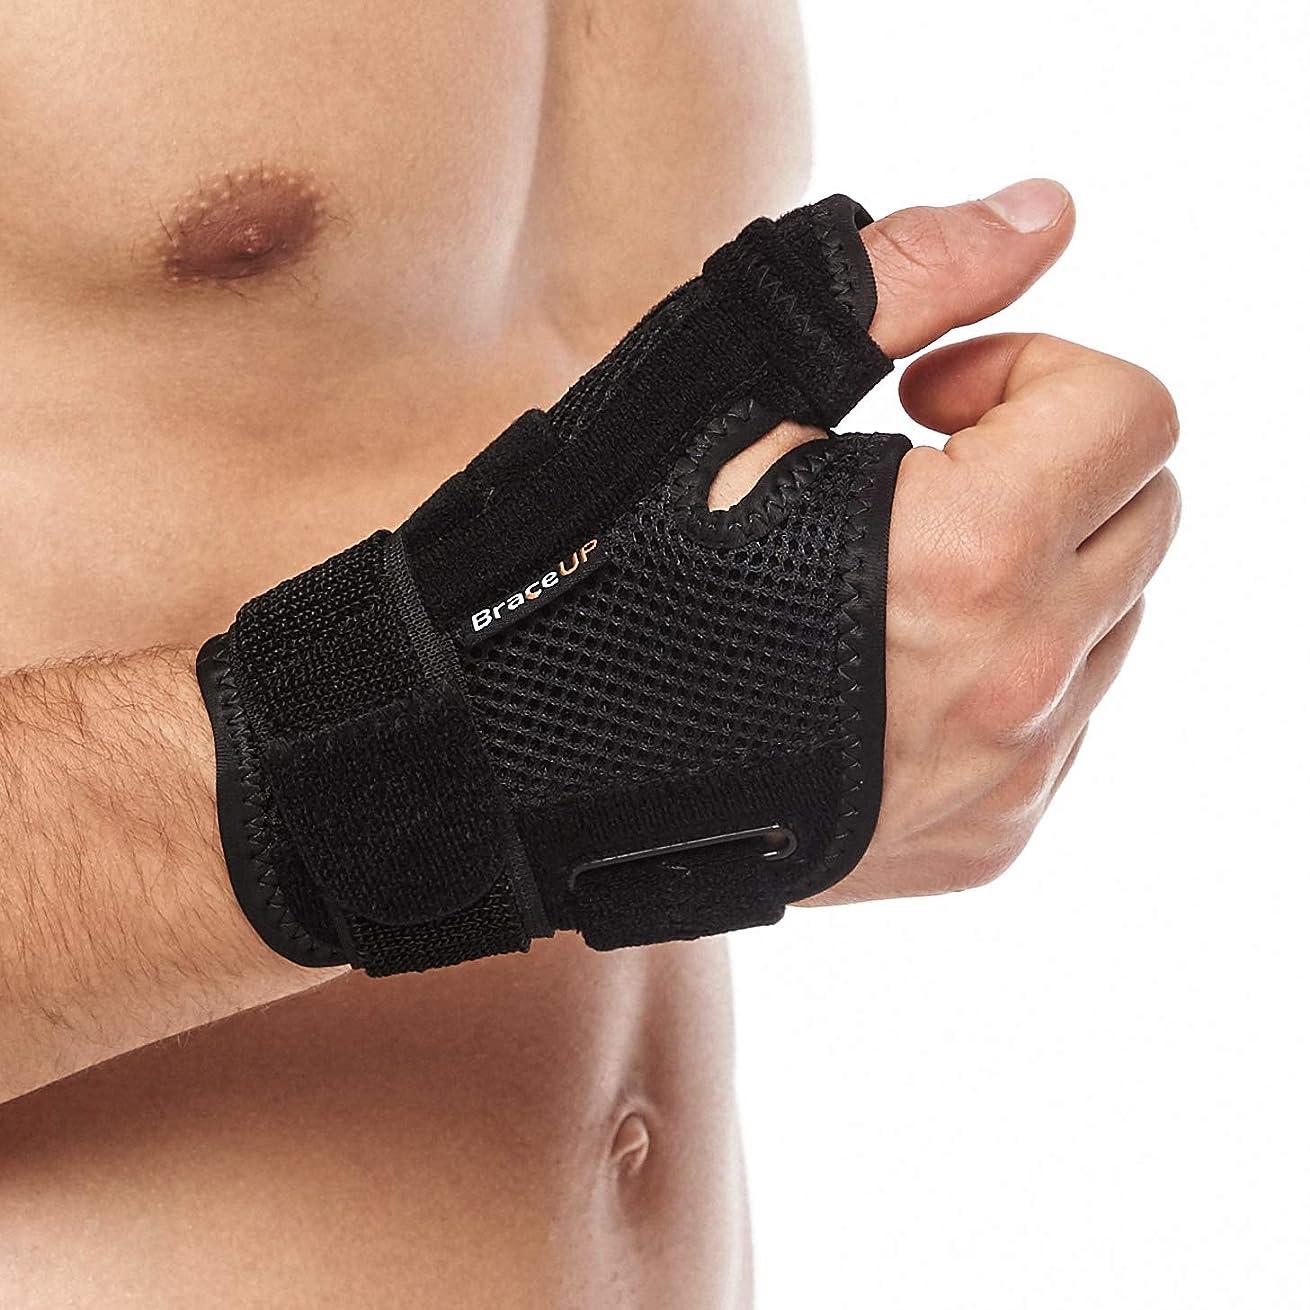 カジュアル孤児毎日親指サポーター Cudon 指用サポーター 通気性 ばね指 腱鞘炎 突き指 手首固定 関節症 捻挫 親指付け根の骨折 脱臼 など 右手 左手